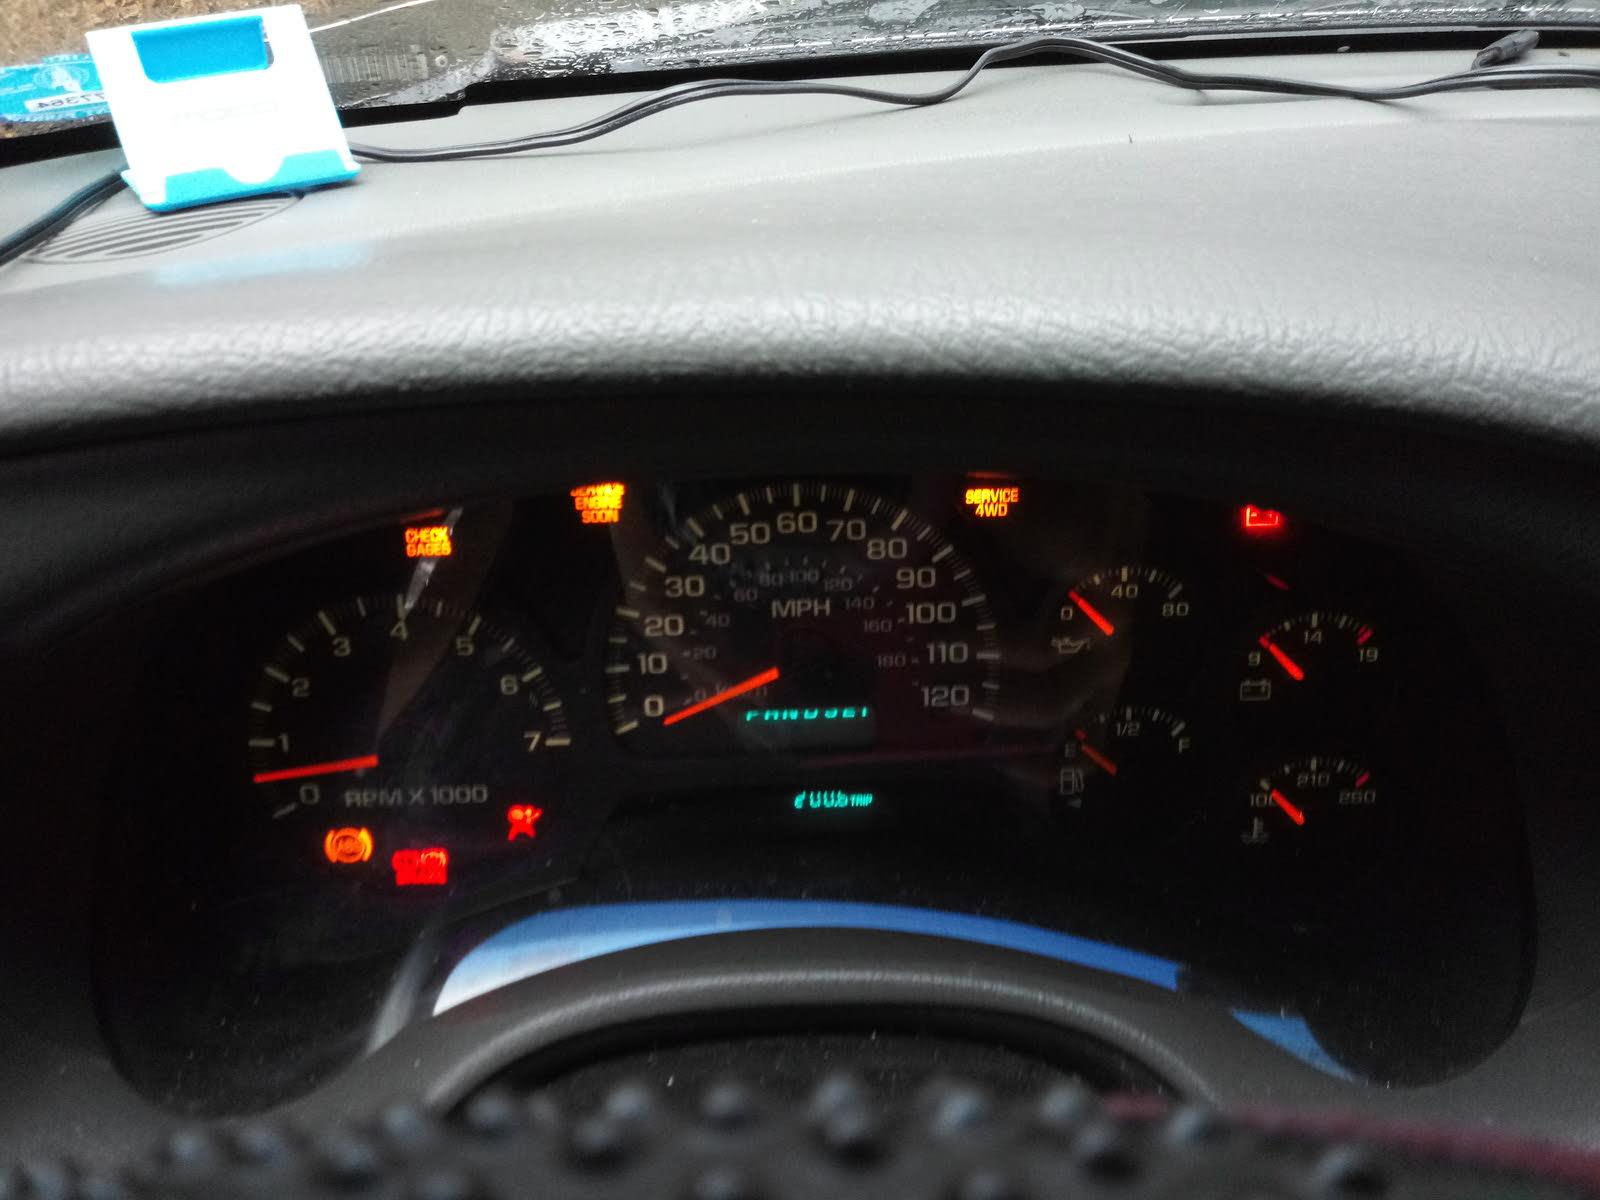 2004 trailblazer warning lights